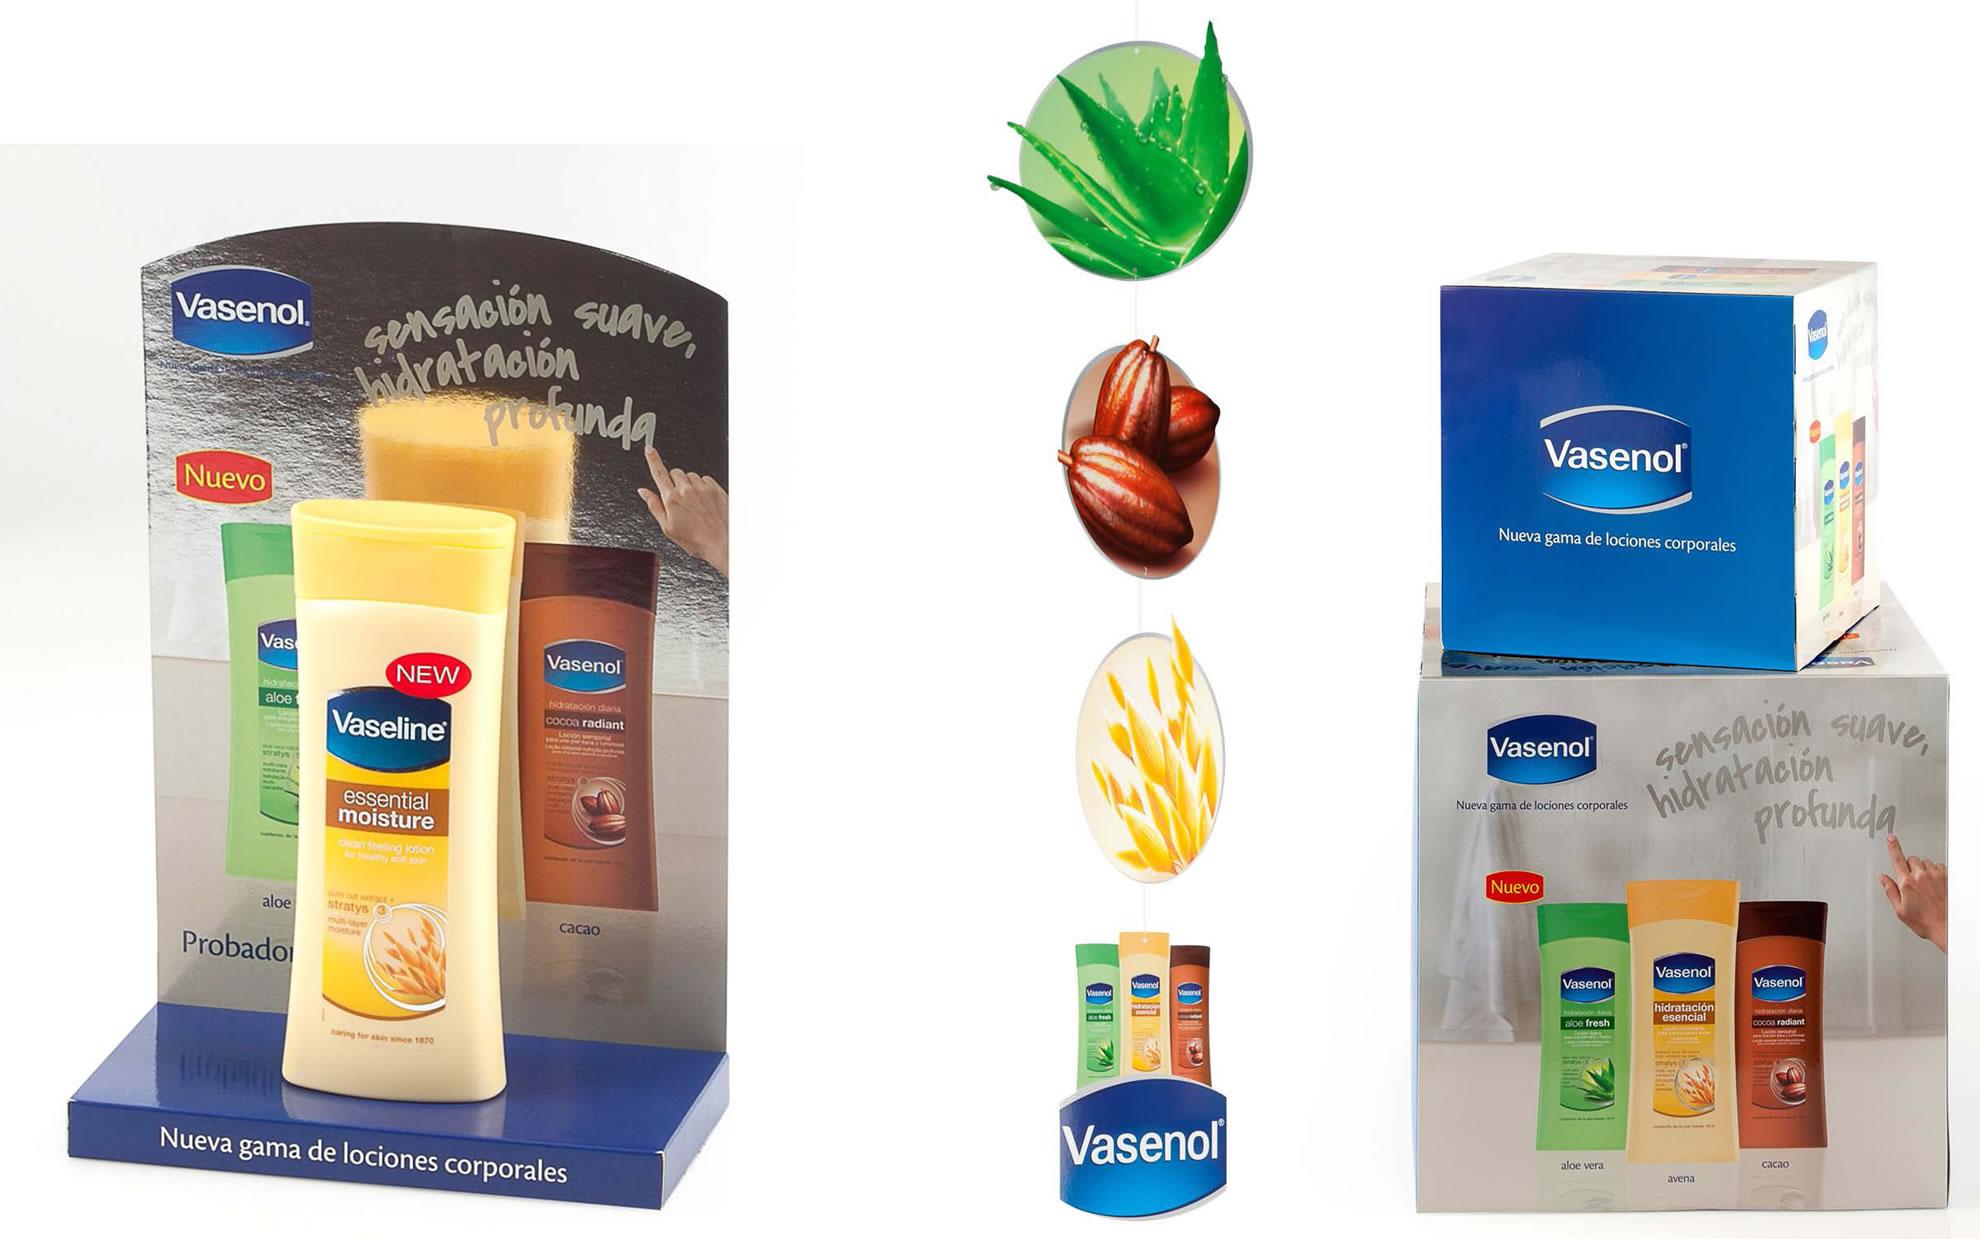 unilever-vasenol-packaging